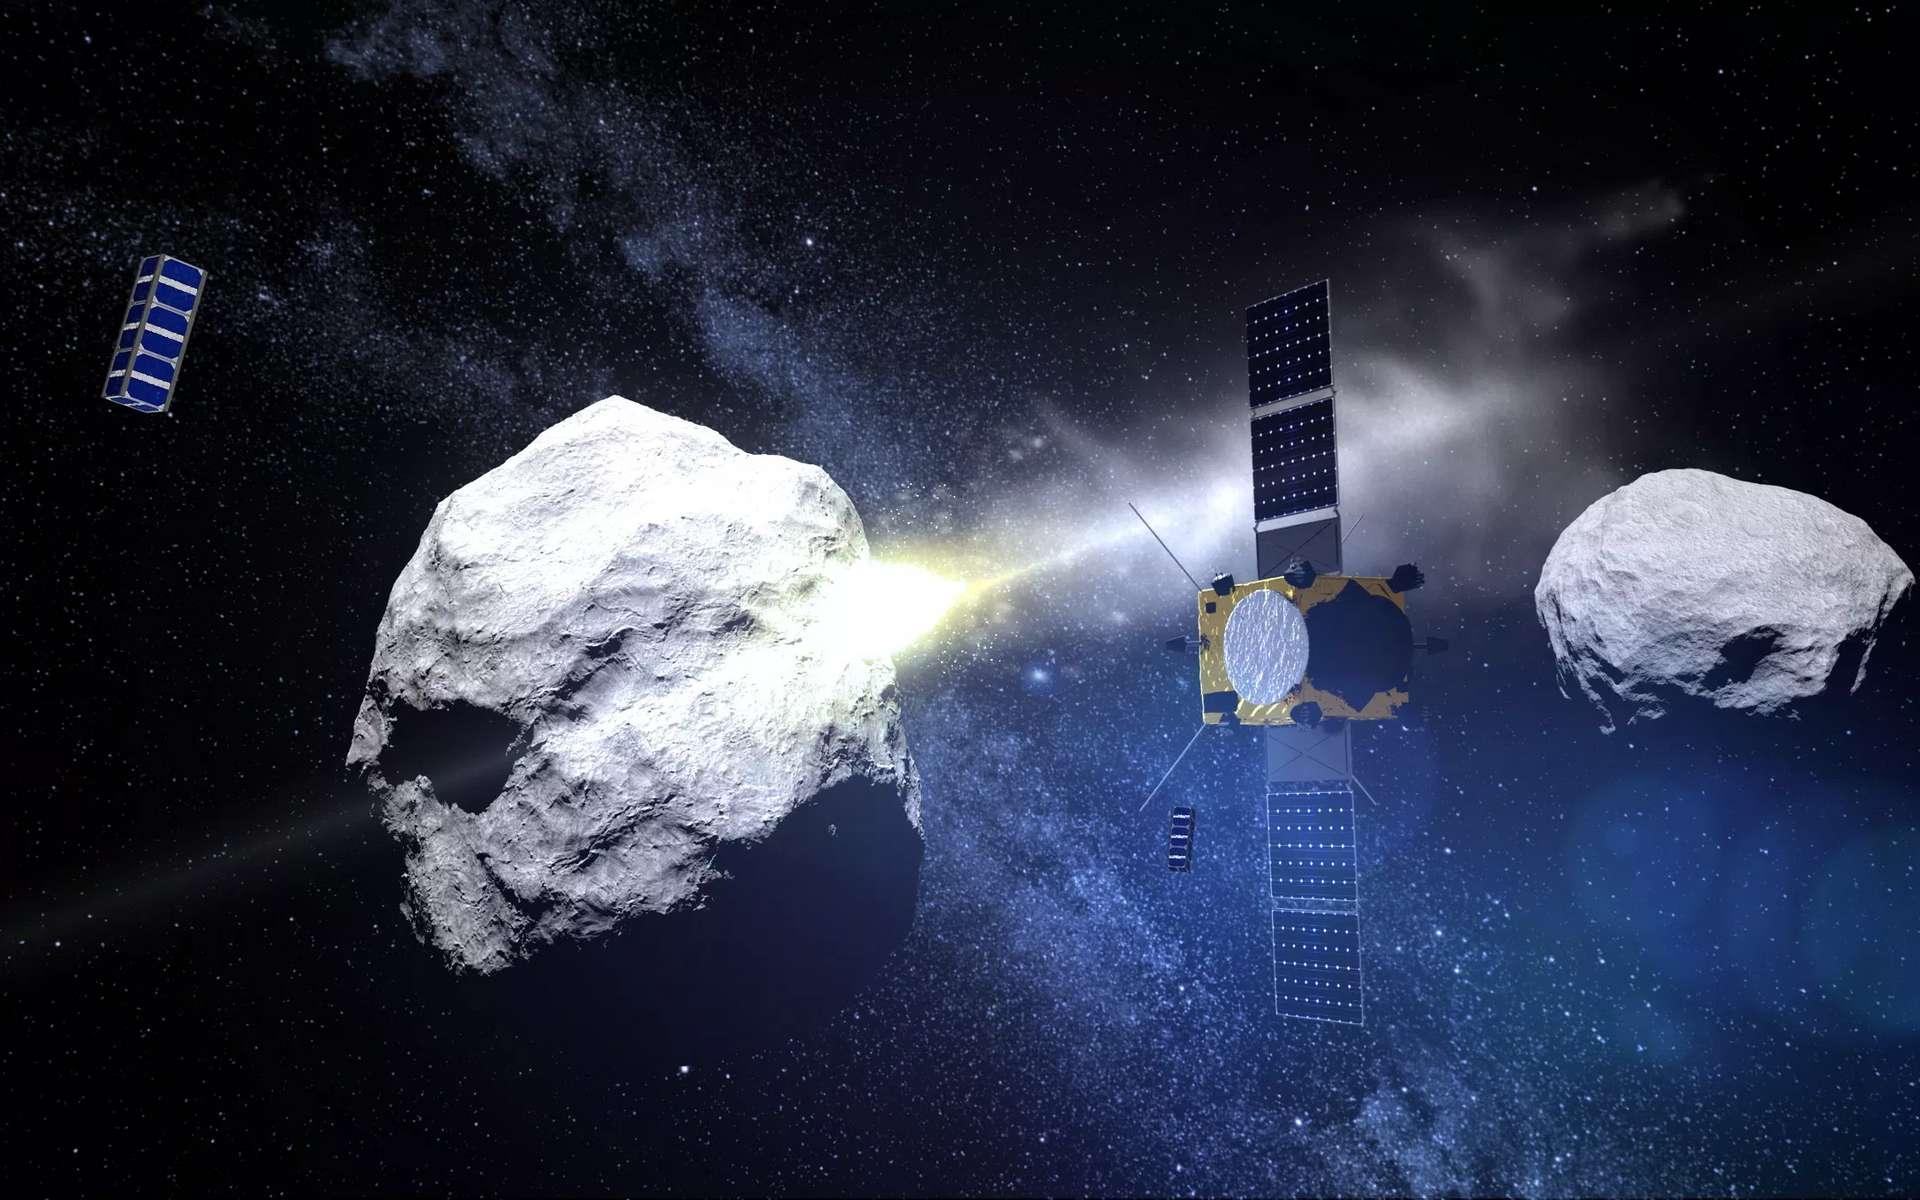 Une vue d'artiste de la mission AIM de l'ESA. © ESA